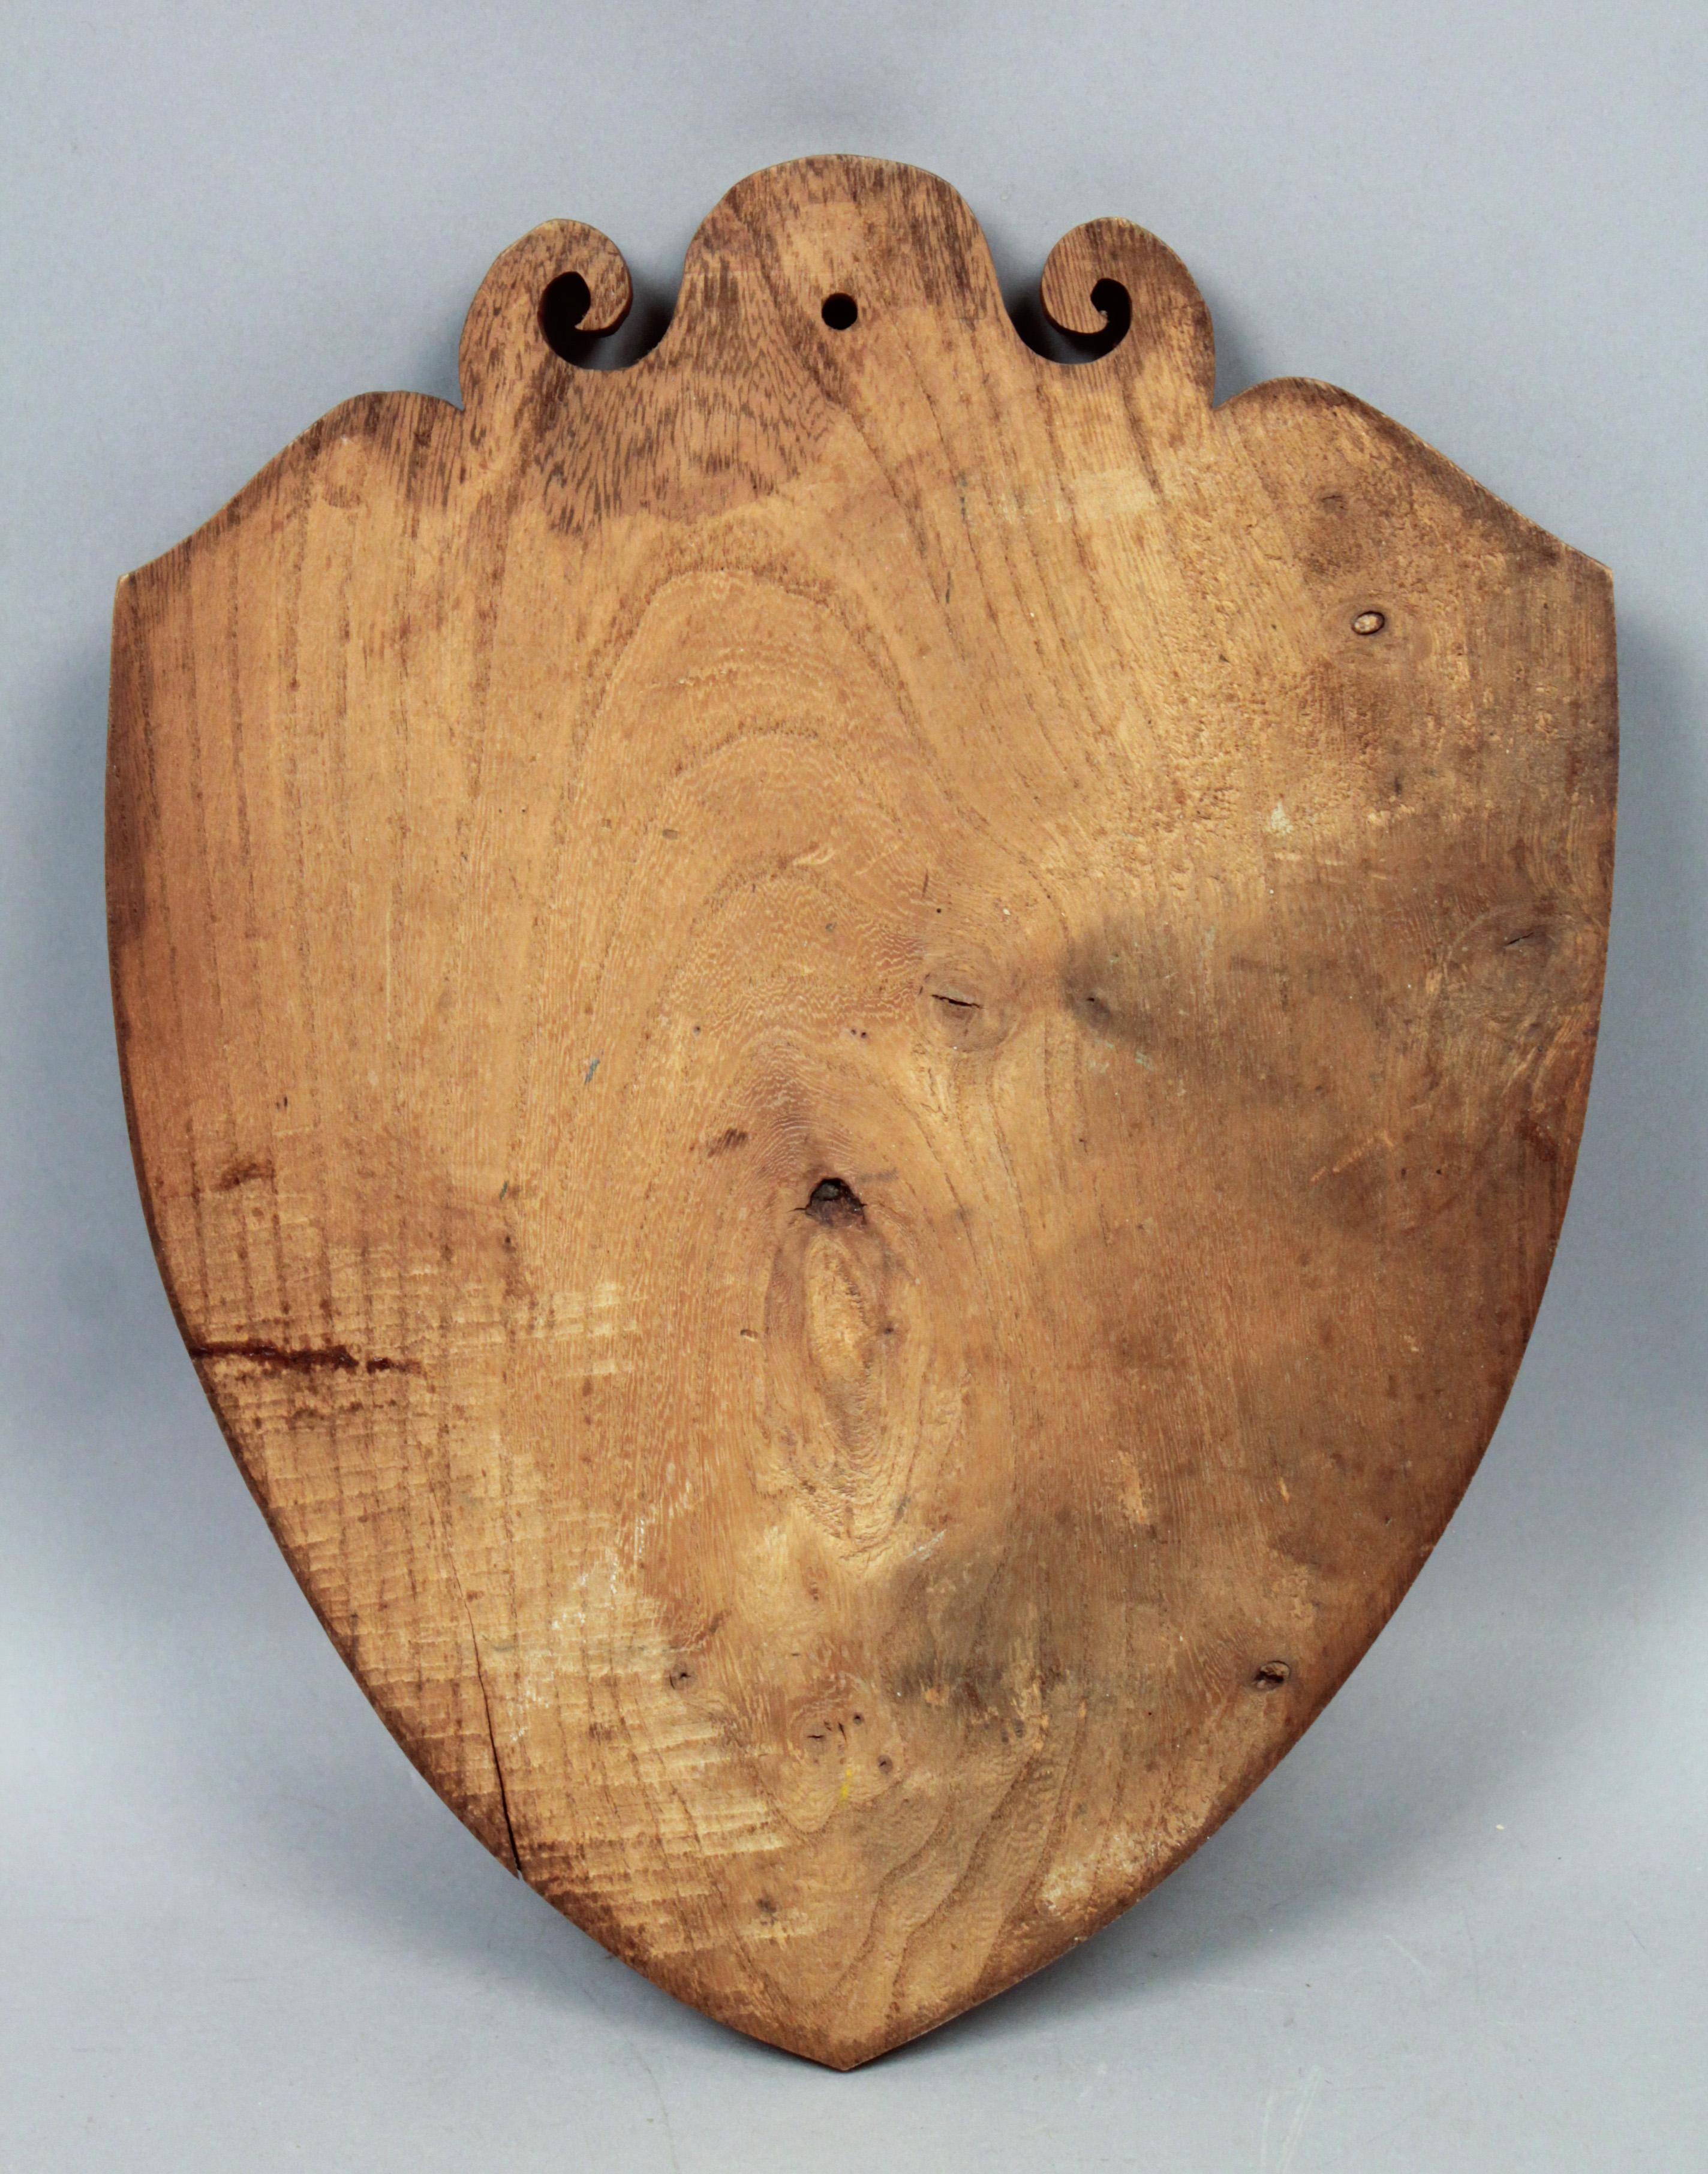 Wooden Carved Key Ring Holder